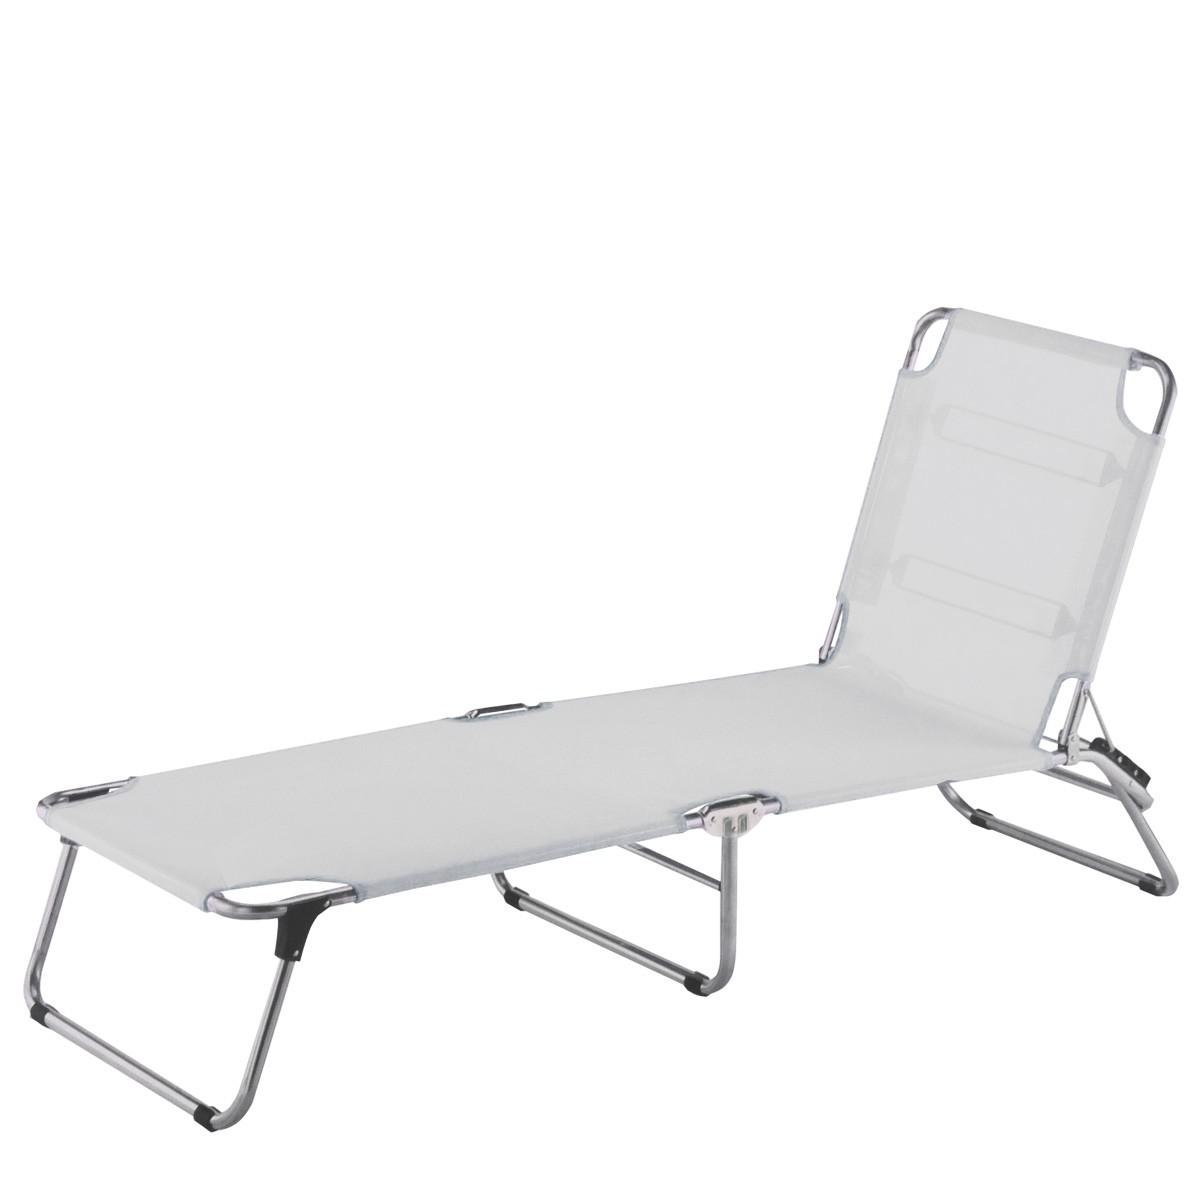 jan kurtz dreibein liege fiam amigo fourty weiss 42cm hoch. Black Bedroom Furniture Sets. Home Design Ideas